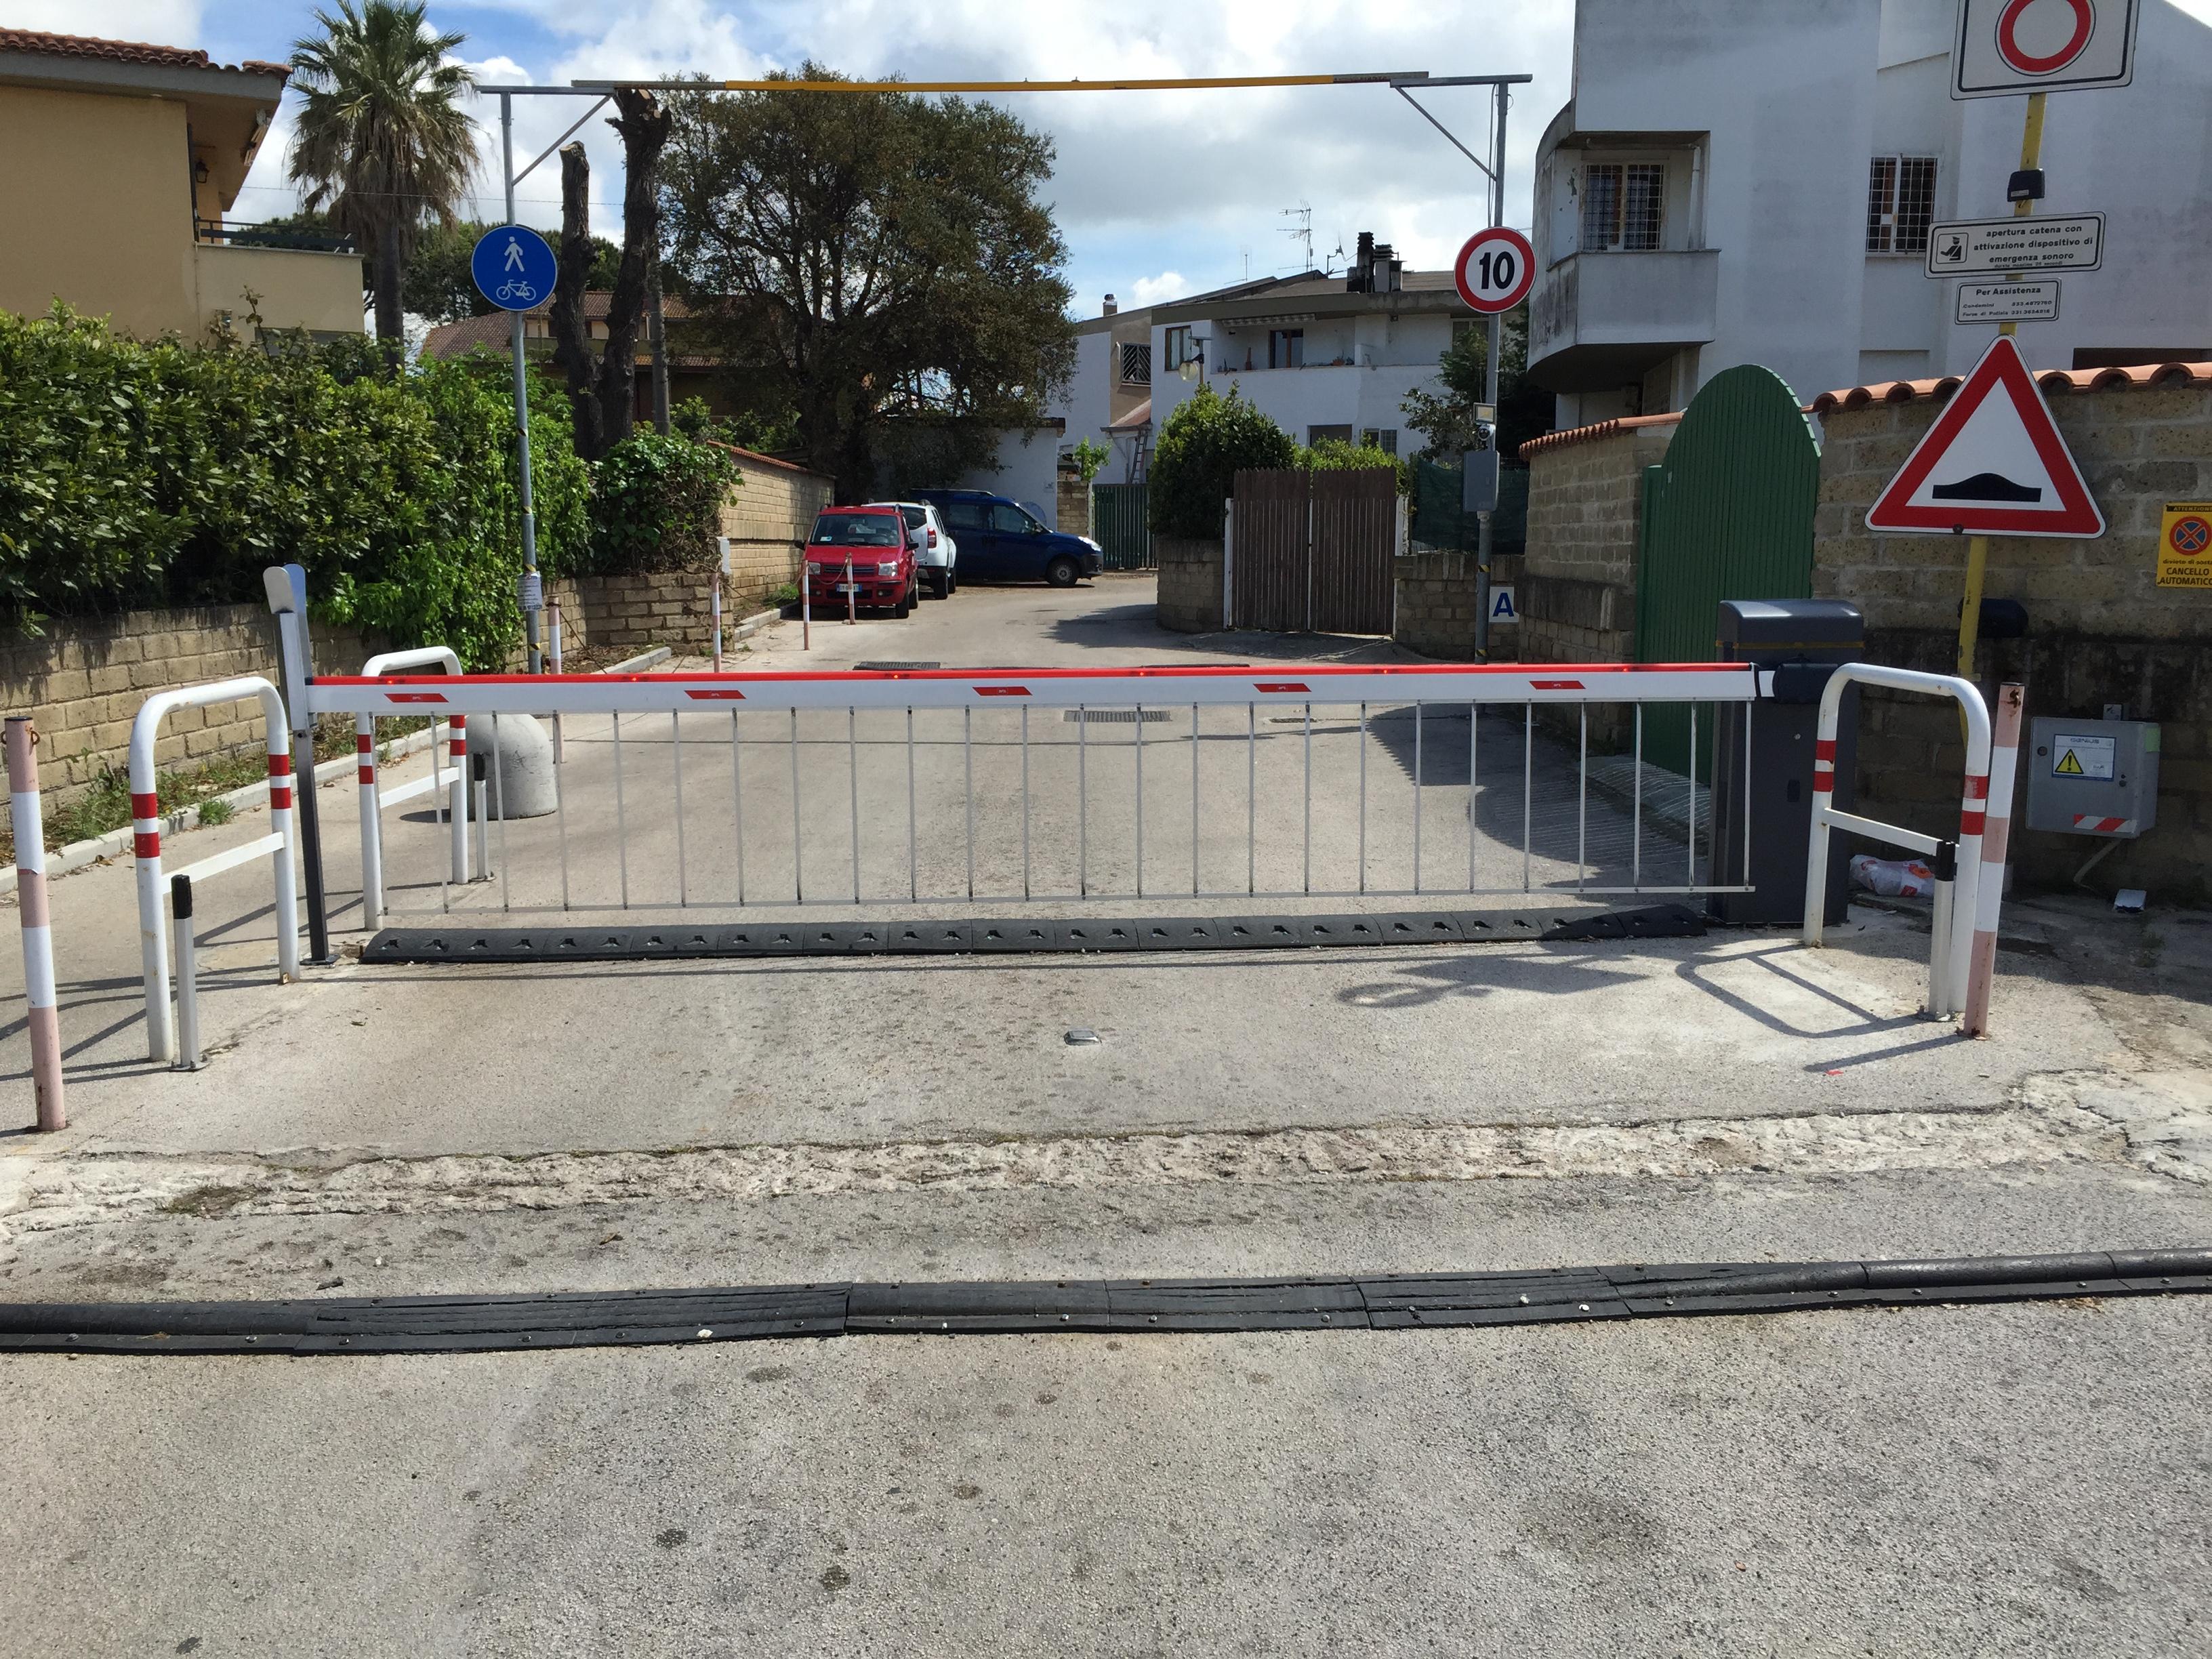 Installazione e assistenza Controllo accessi anzio nettuno roma